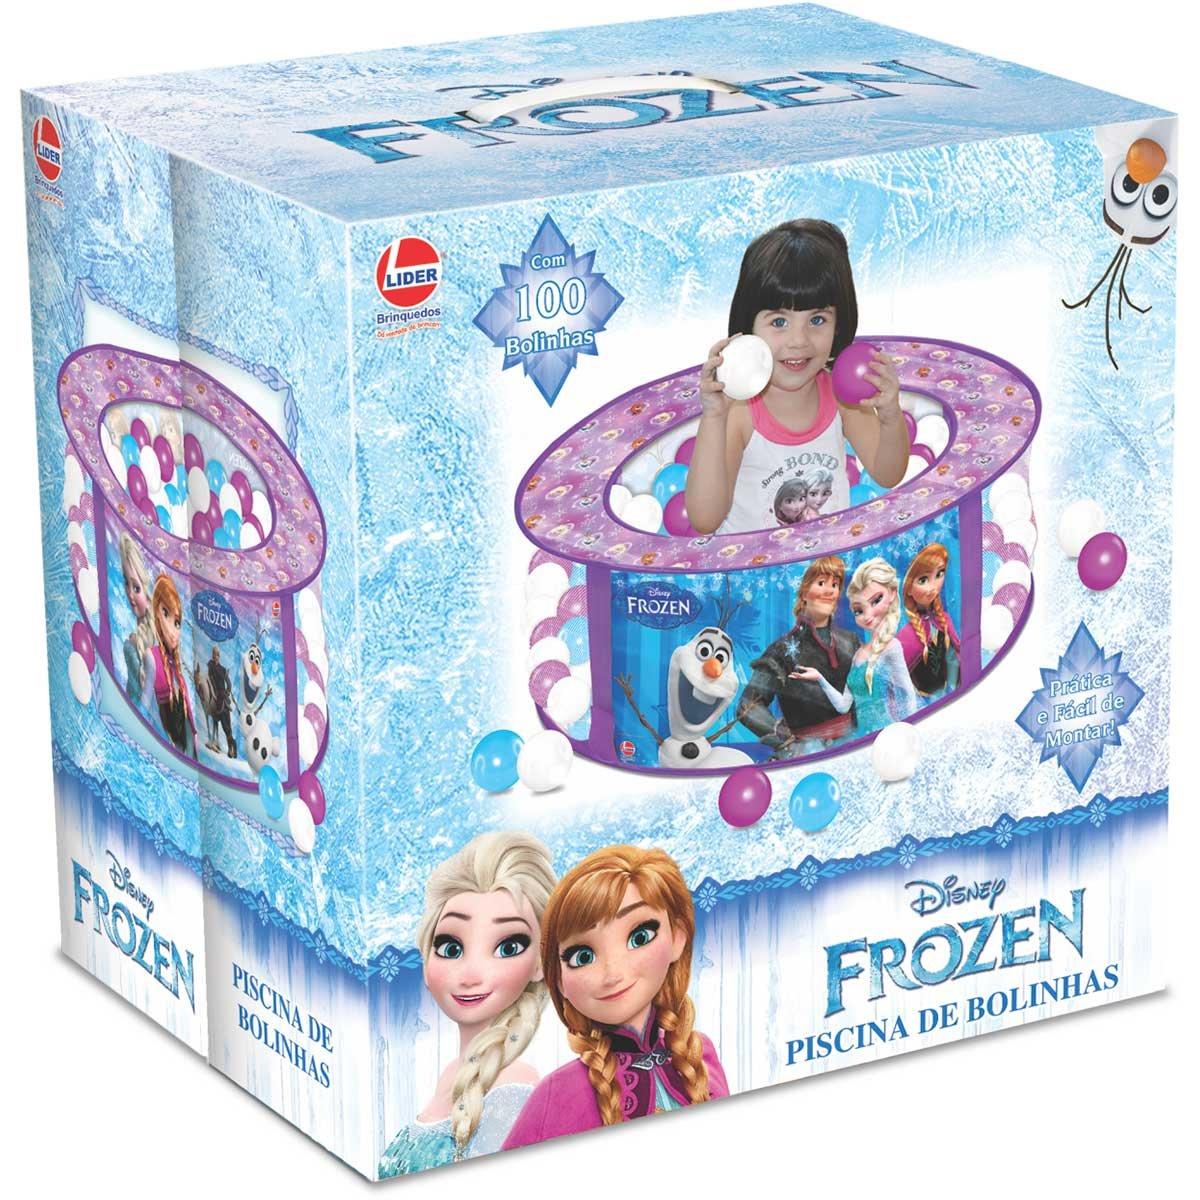 Piscina de Bolinhas Frozen Disney Líder